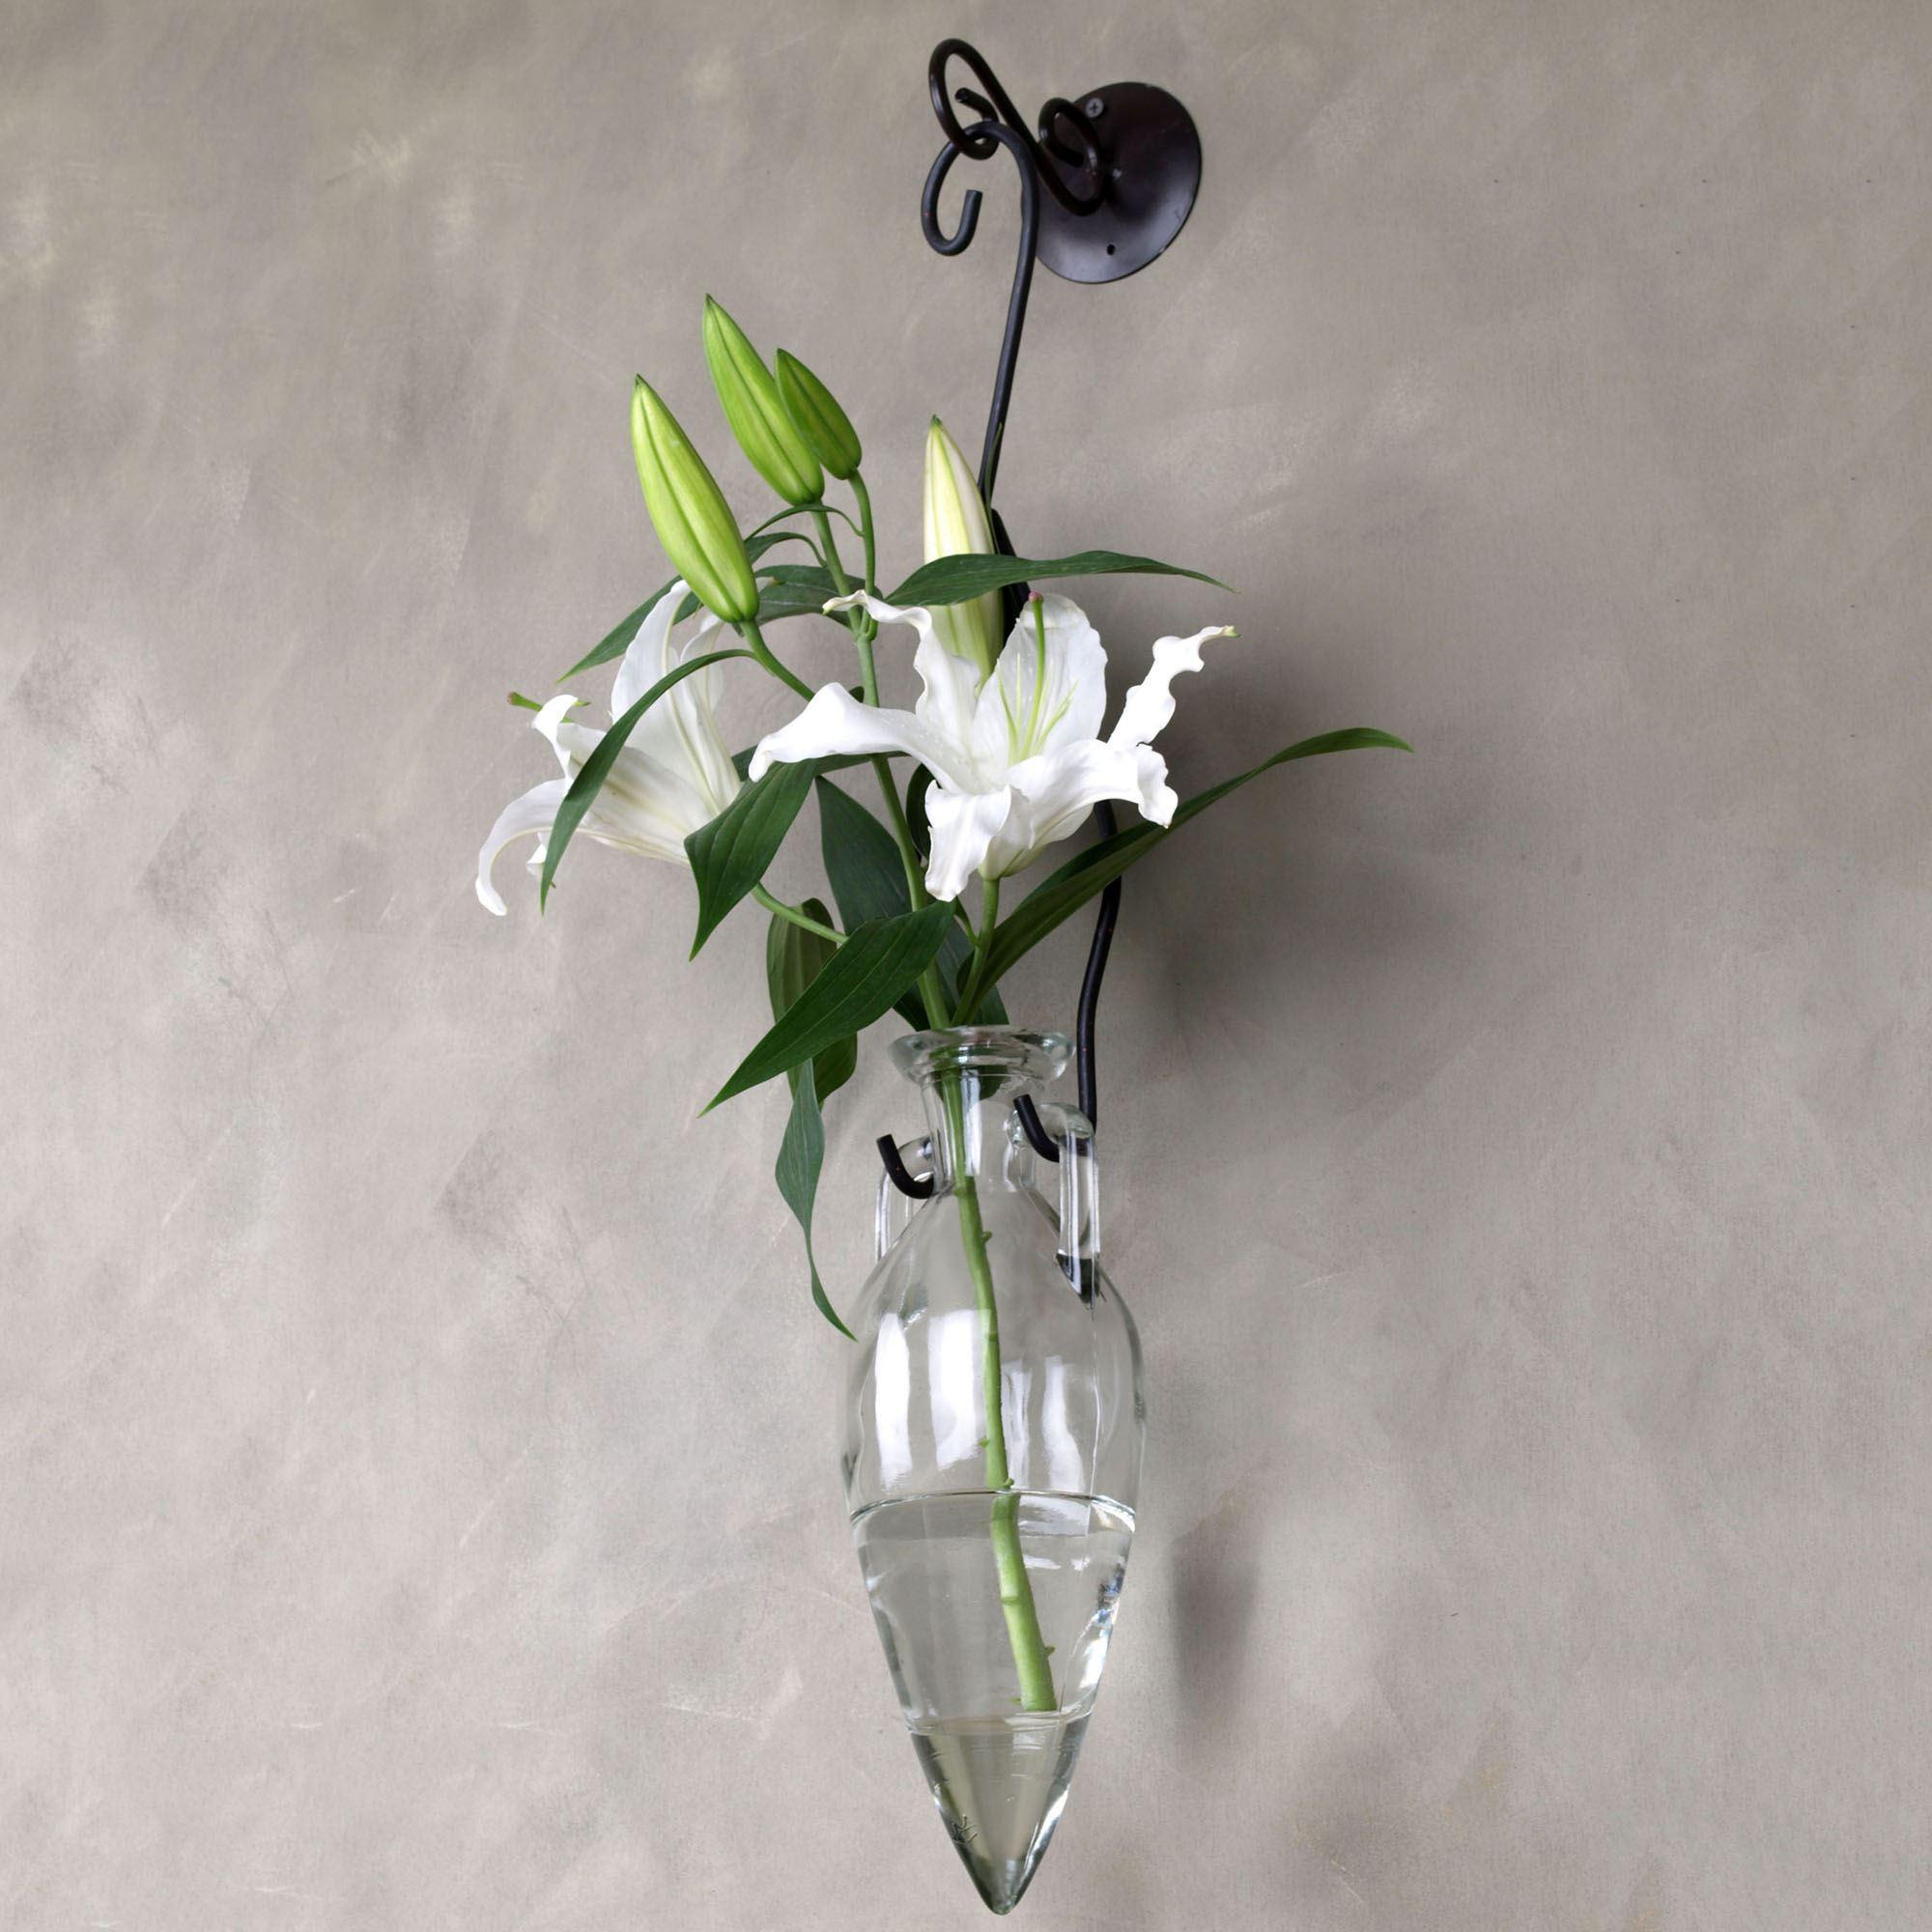 kate spade rose vase of metal vase wall decor pics h vases wall hanging flower vase for h vases wall hanging flower vase newspaper i 0d scheme wall scheme